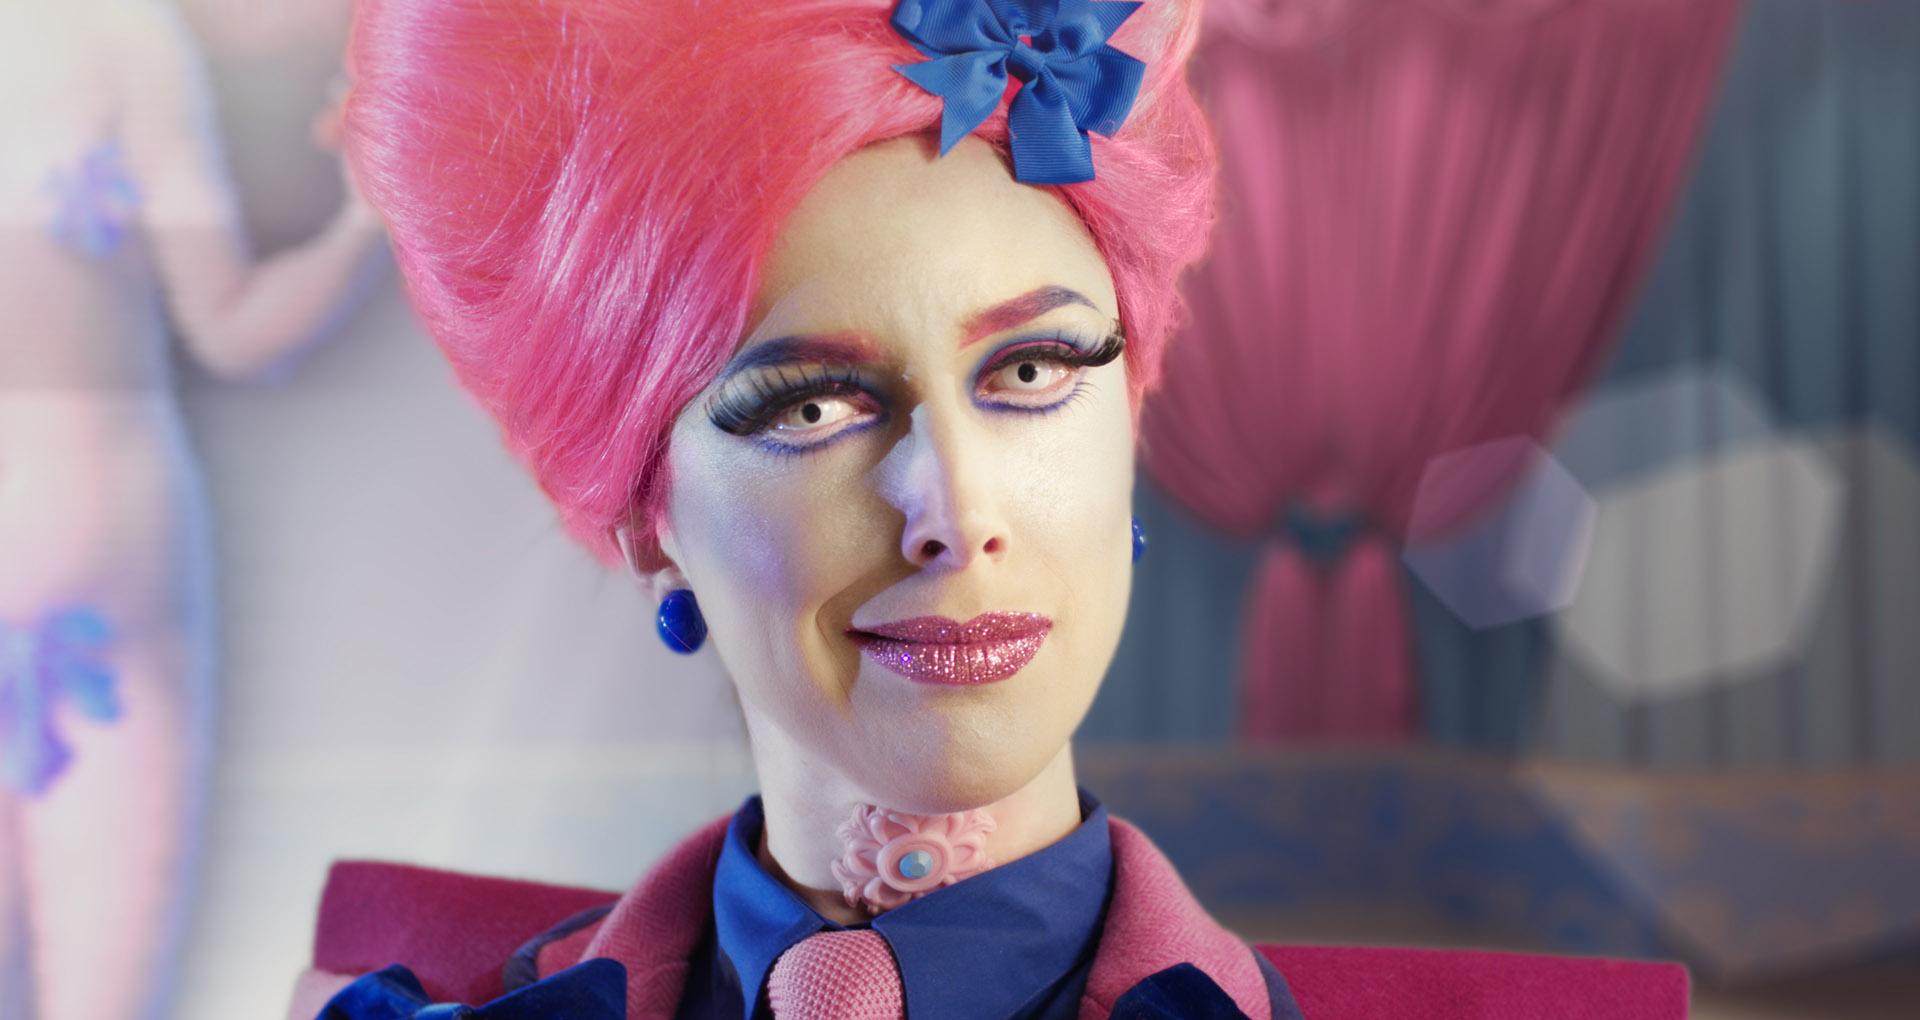 Image aux couleurs saturées, une femme avec une perruque rose en grosplan